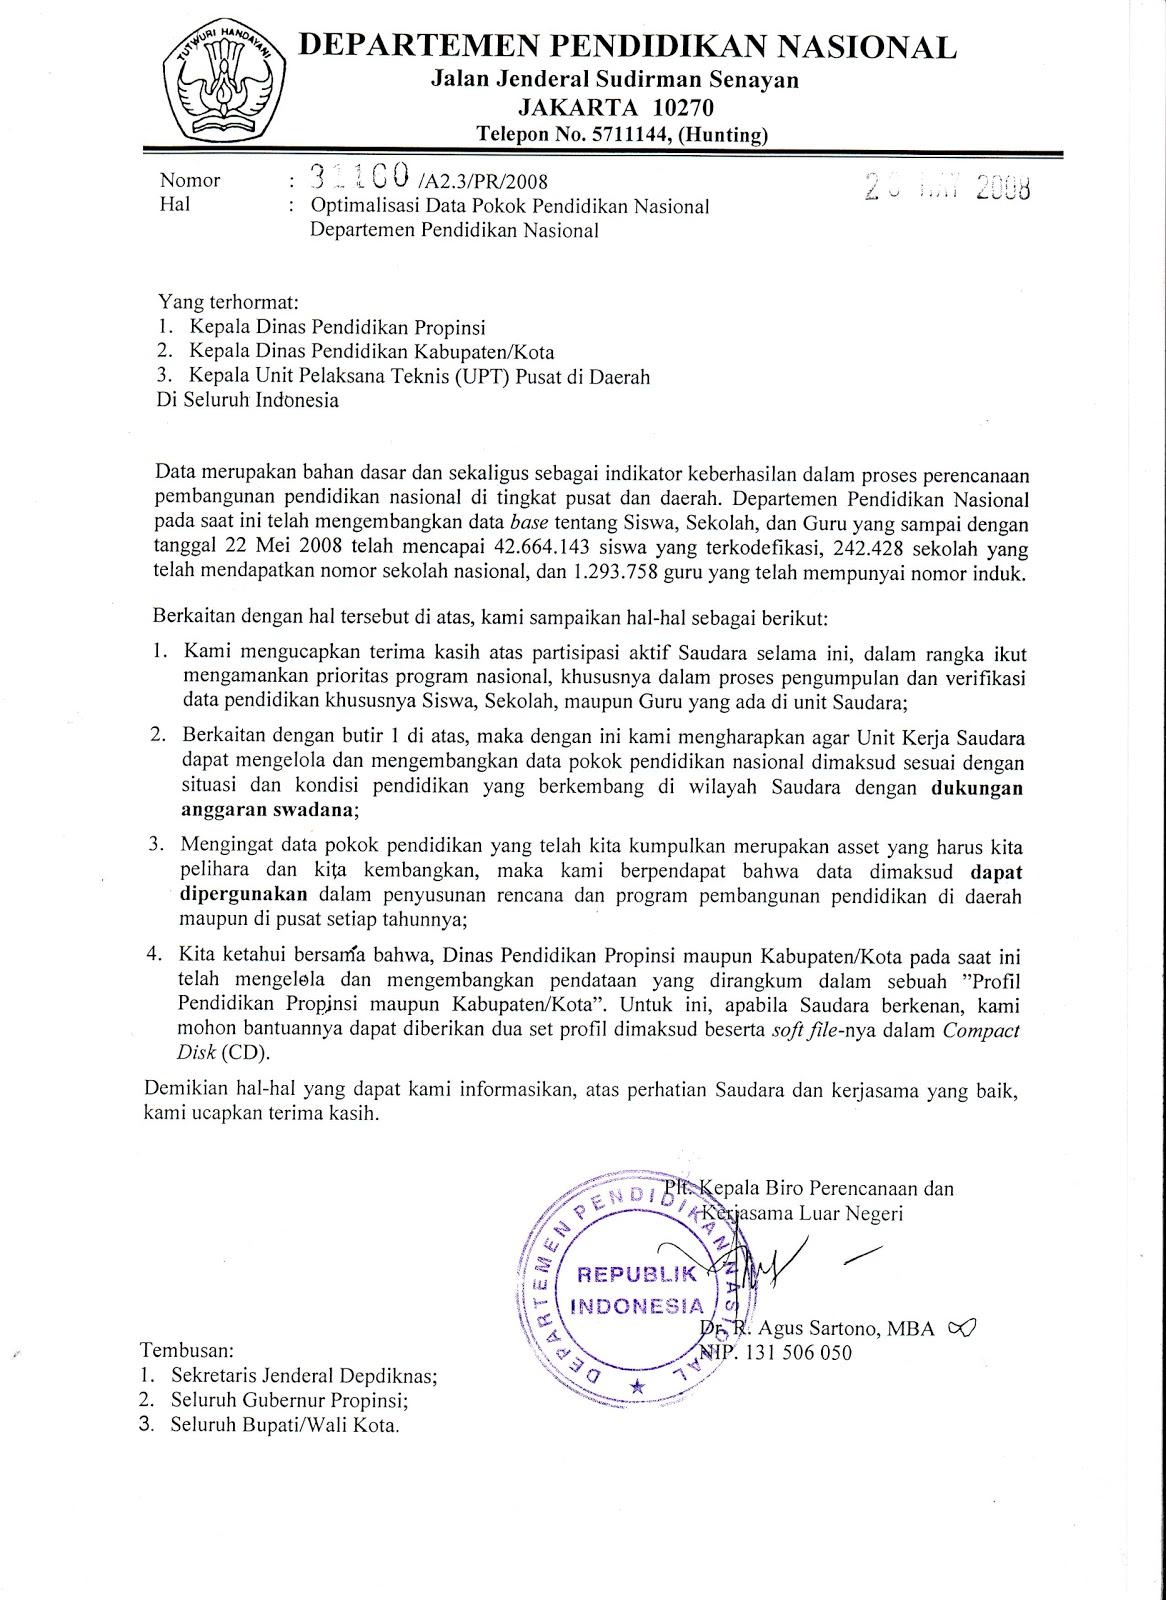 Penutup Surat Resmi Dalam Bahasa Inggris Surat Rasmi F